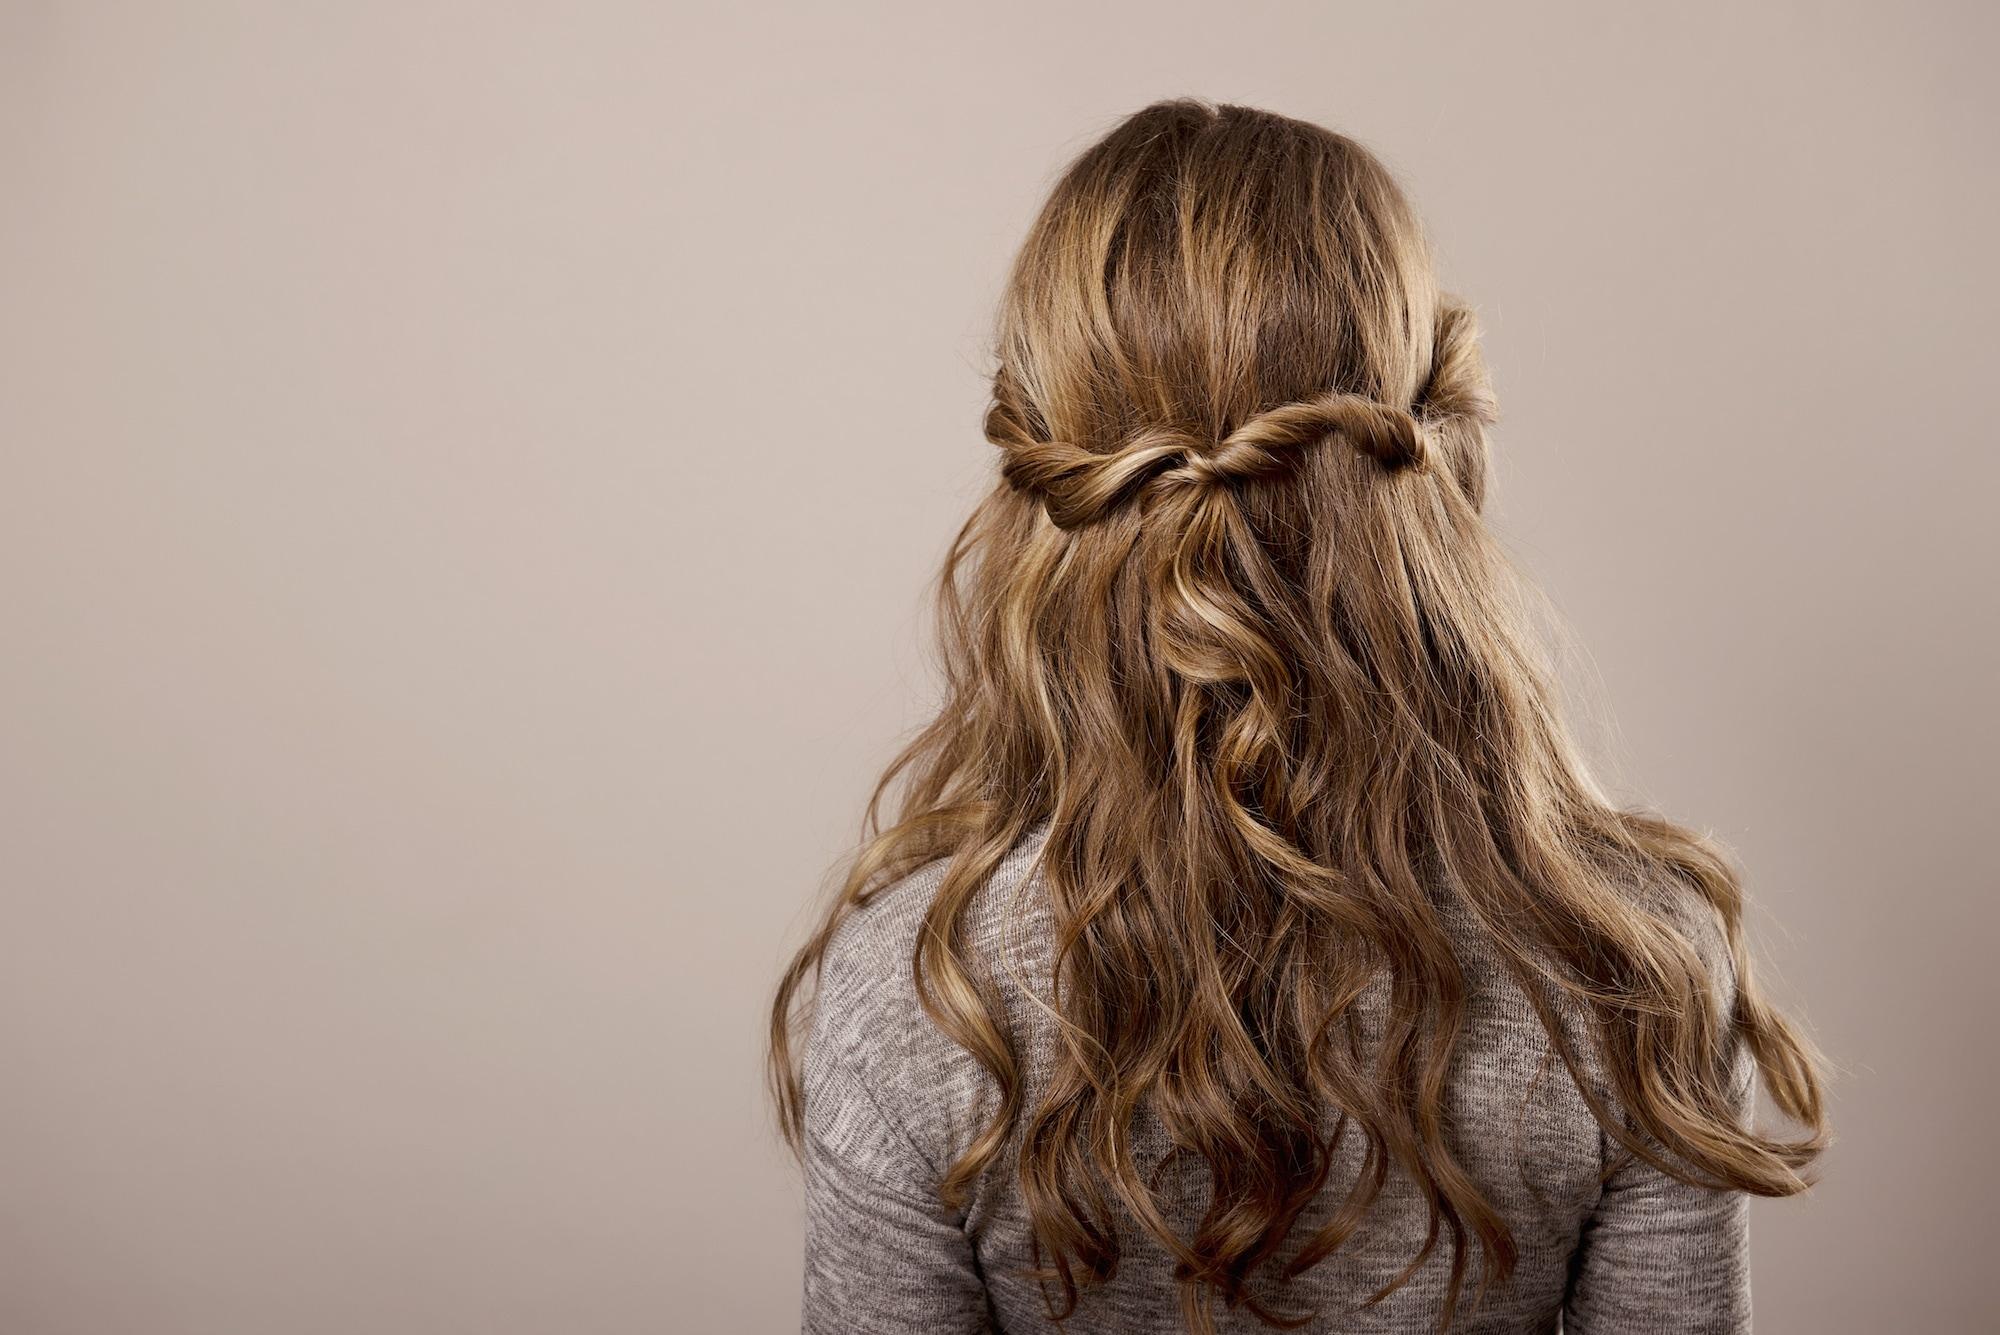 Warna rambut cokelat yang bagus: bronde (cokelat pirang)